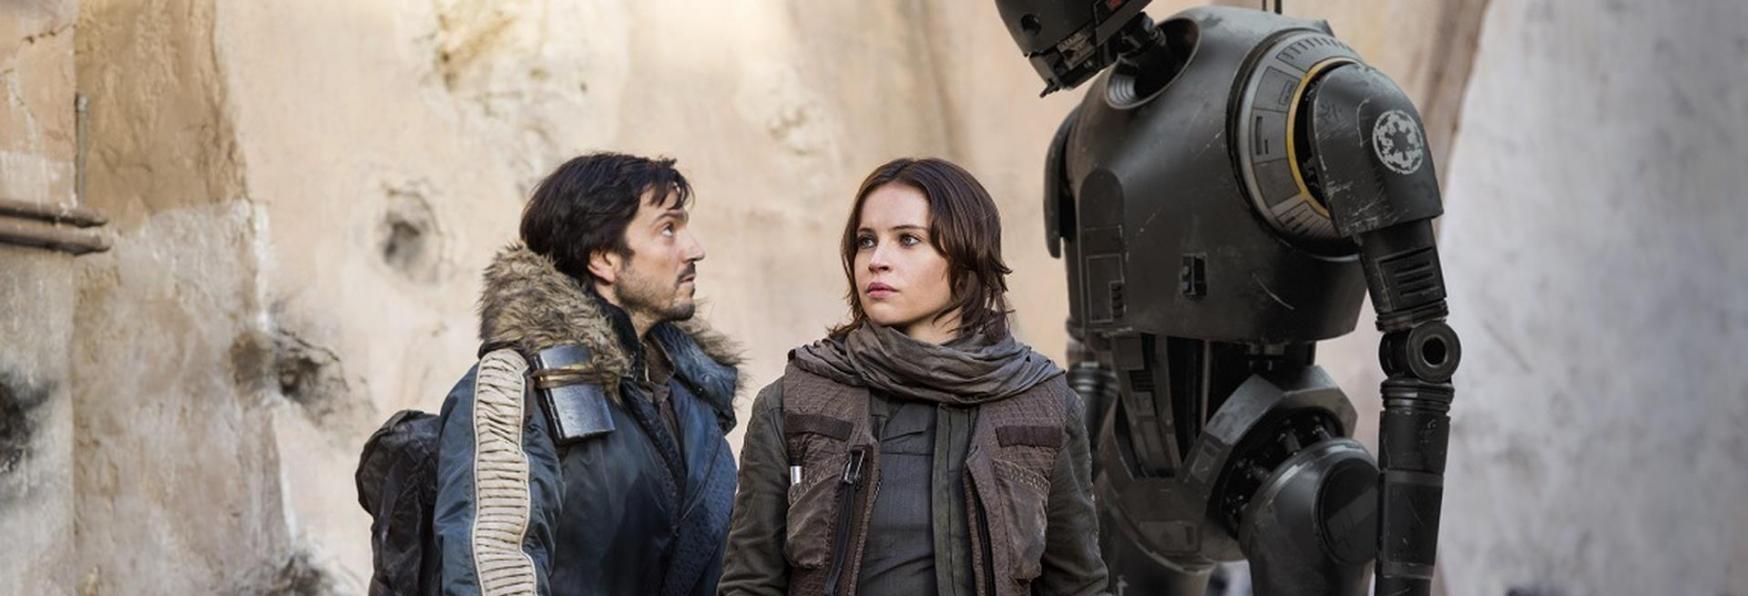 Star Wars: Andor - Pubblicate alcune Foto dal Set della nuova Serie TV